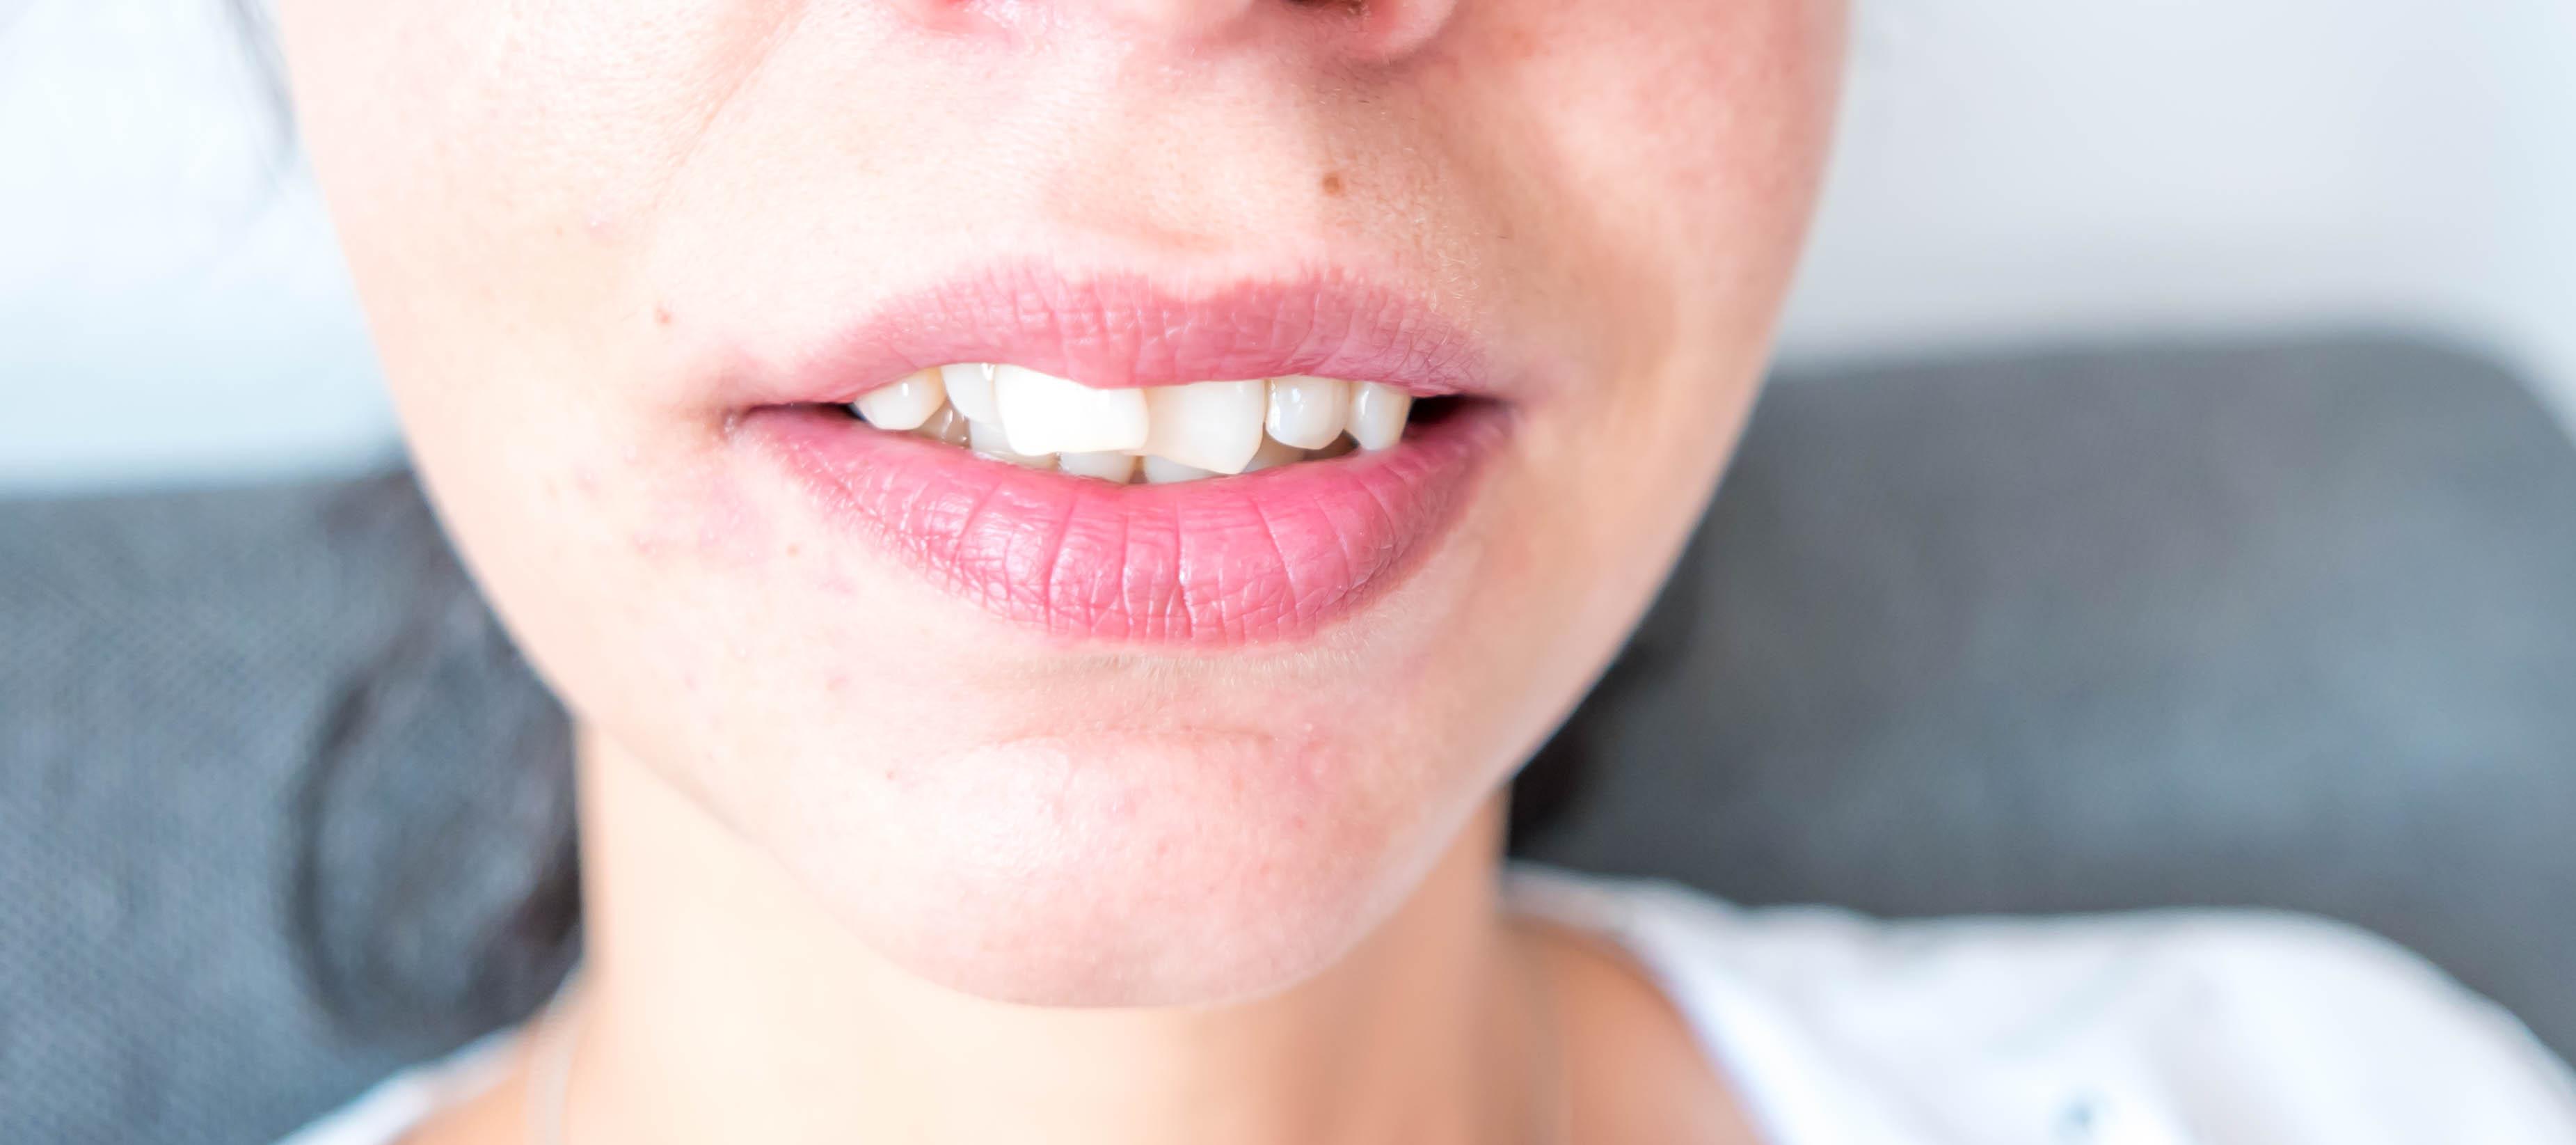 Skuteczne i efektowne wybielanie zębów w domu